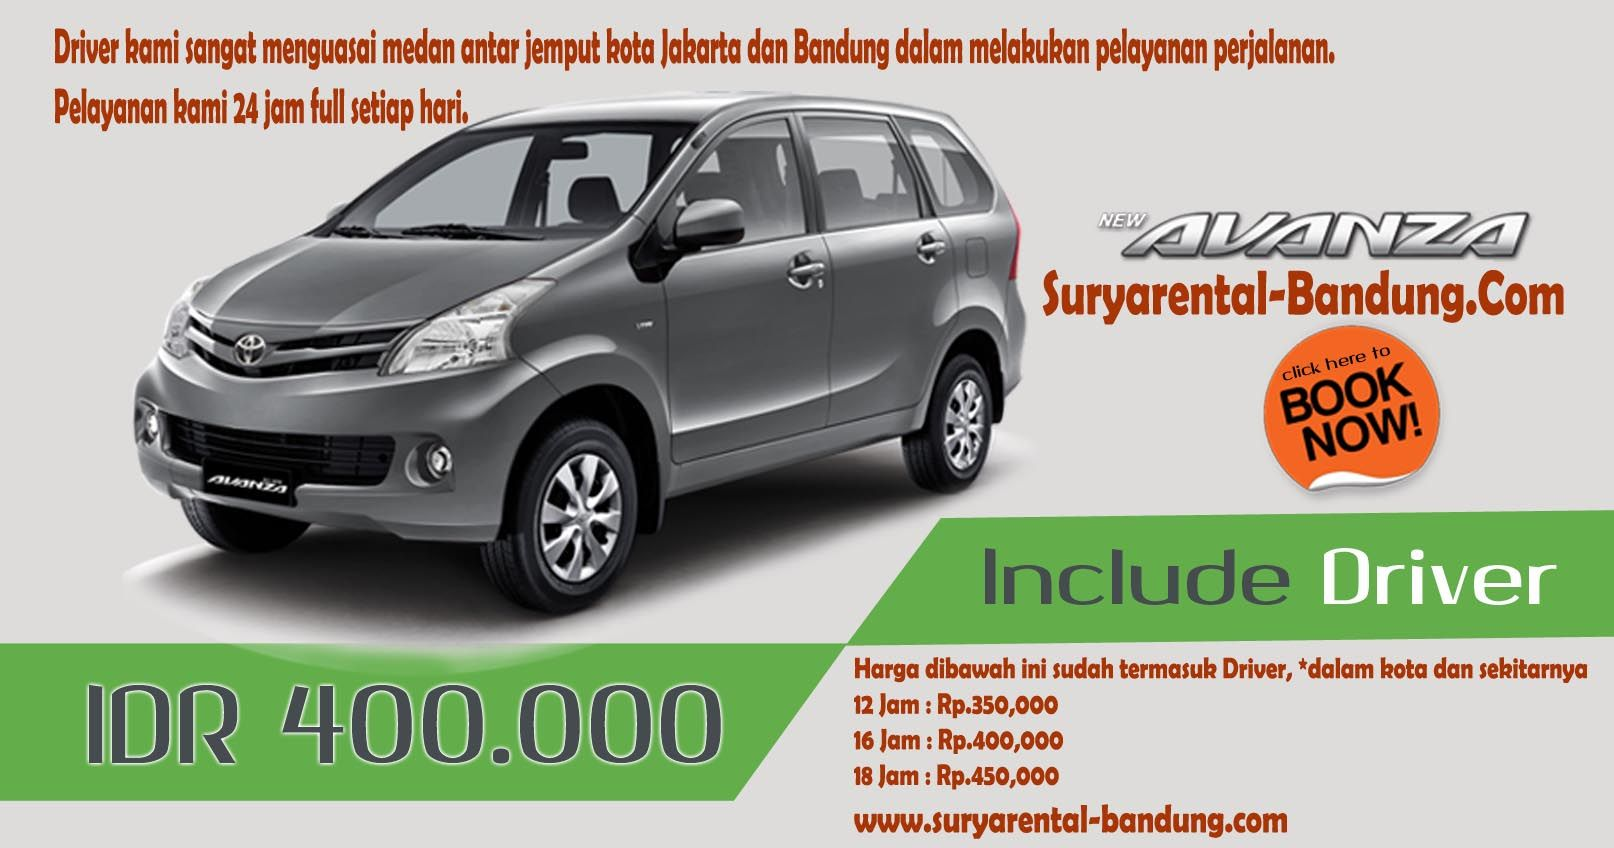 bbm untuk grand new avanza toyota yaris trd turbo kit wajib gunakan sewa mobil bandung include driver all harga yang murah